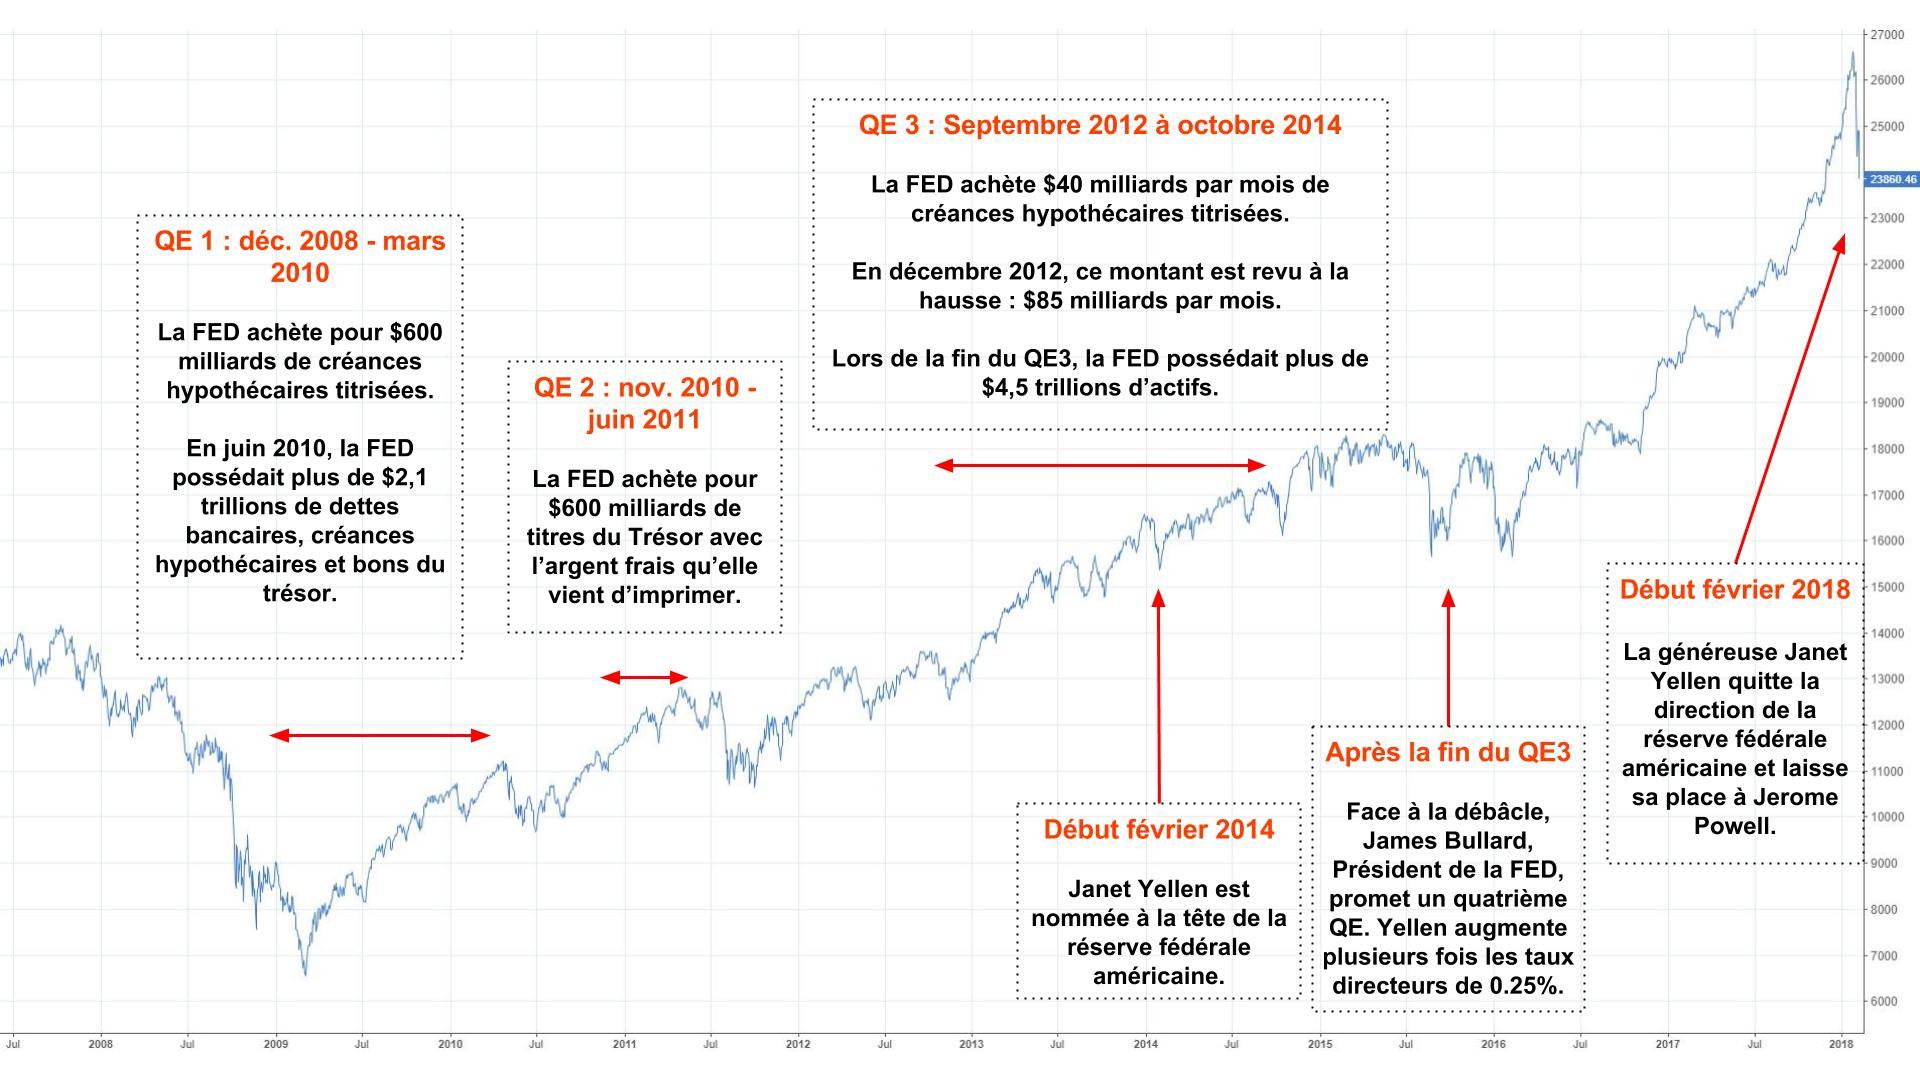 Dow Jones et QE